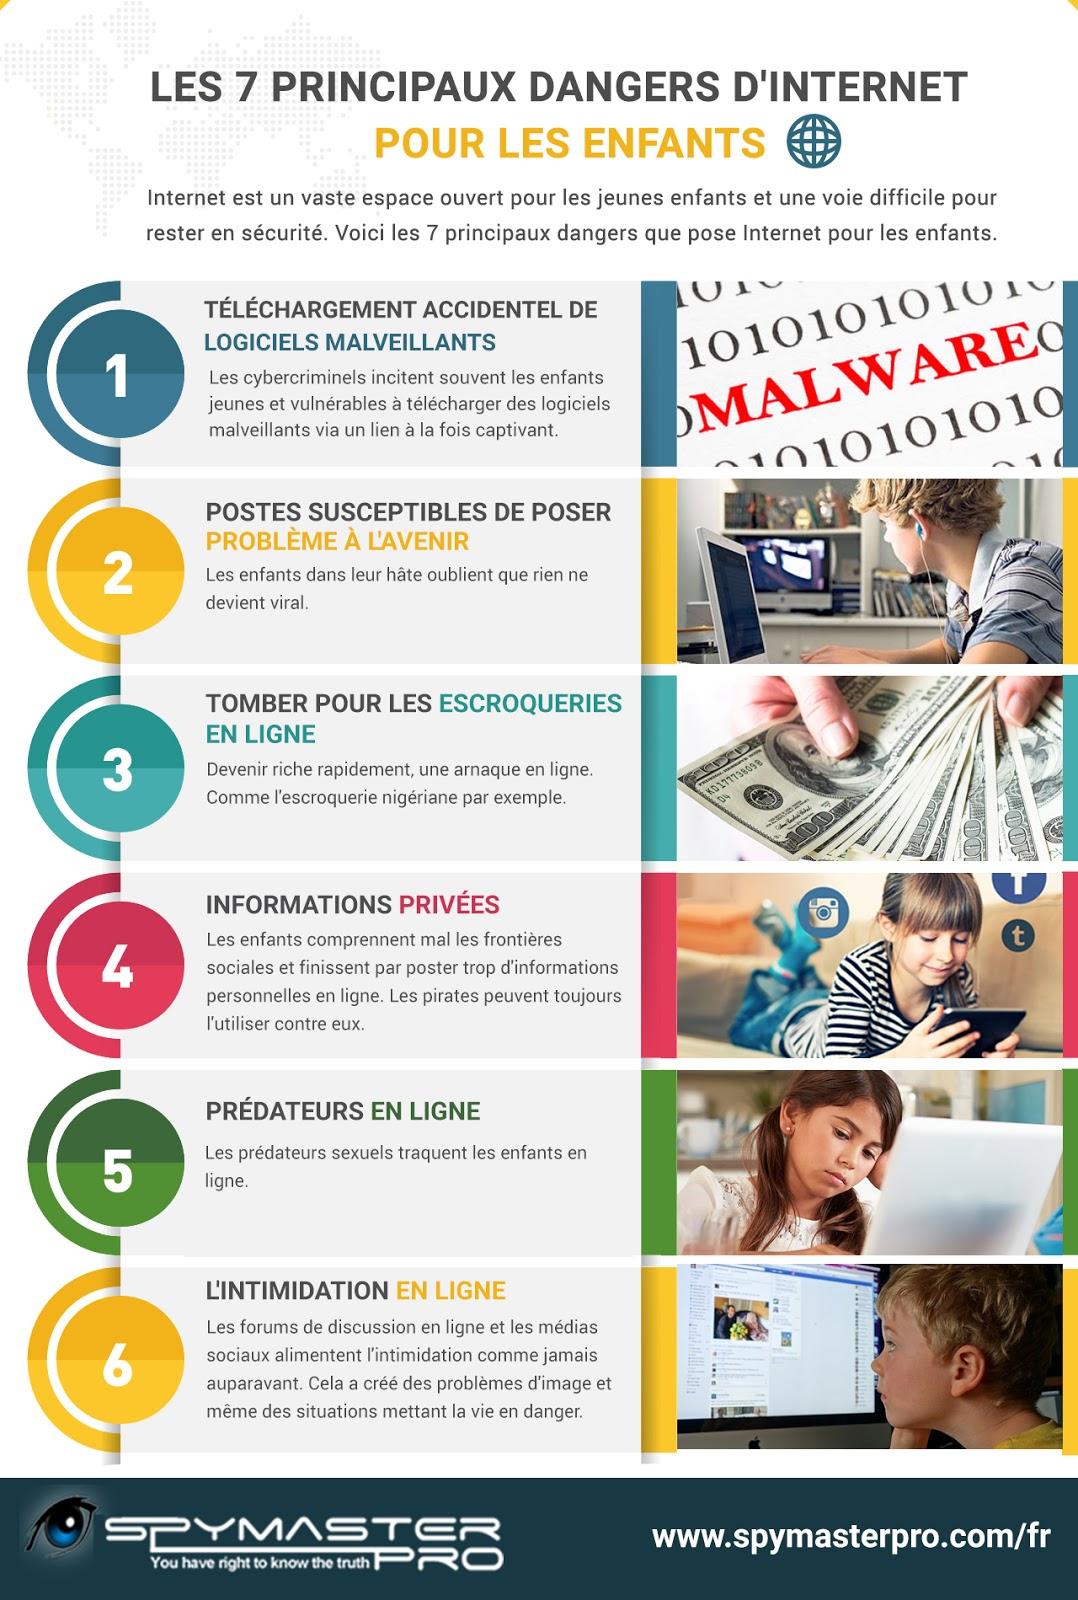 Les 7 principaux dangers d'Internet pour les enfants